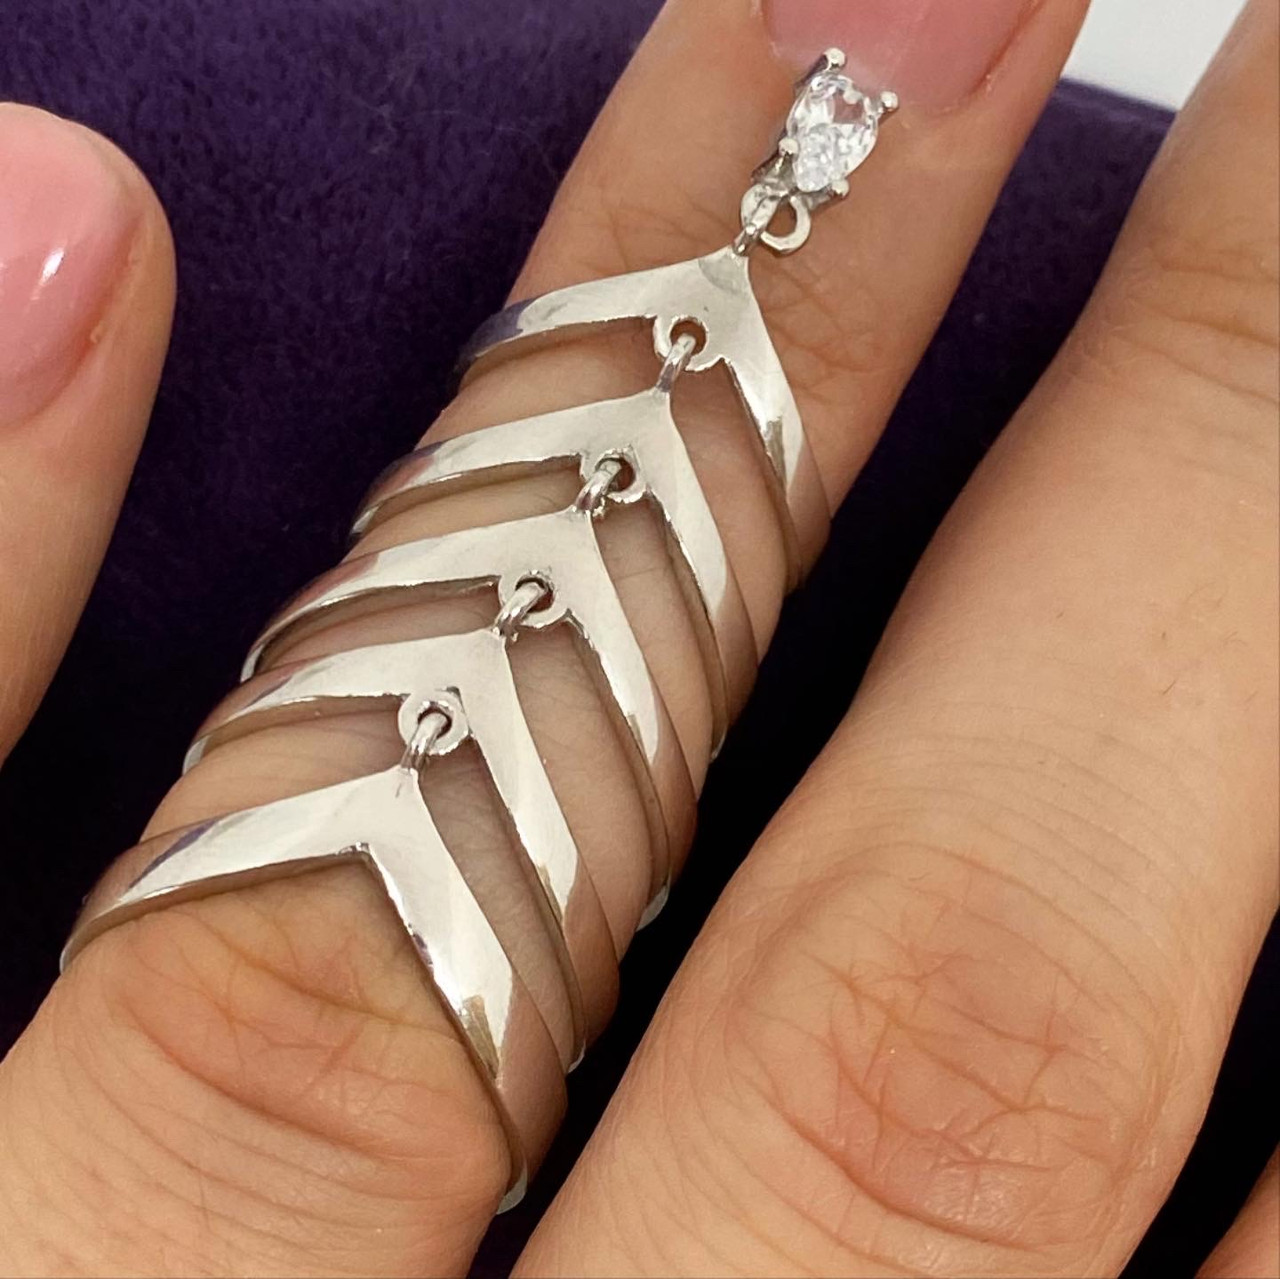 Кольцо из серебра 925 пробы Beauty Bar на фалангу пальца белый камень (Размер универсальный)